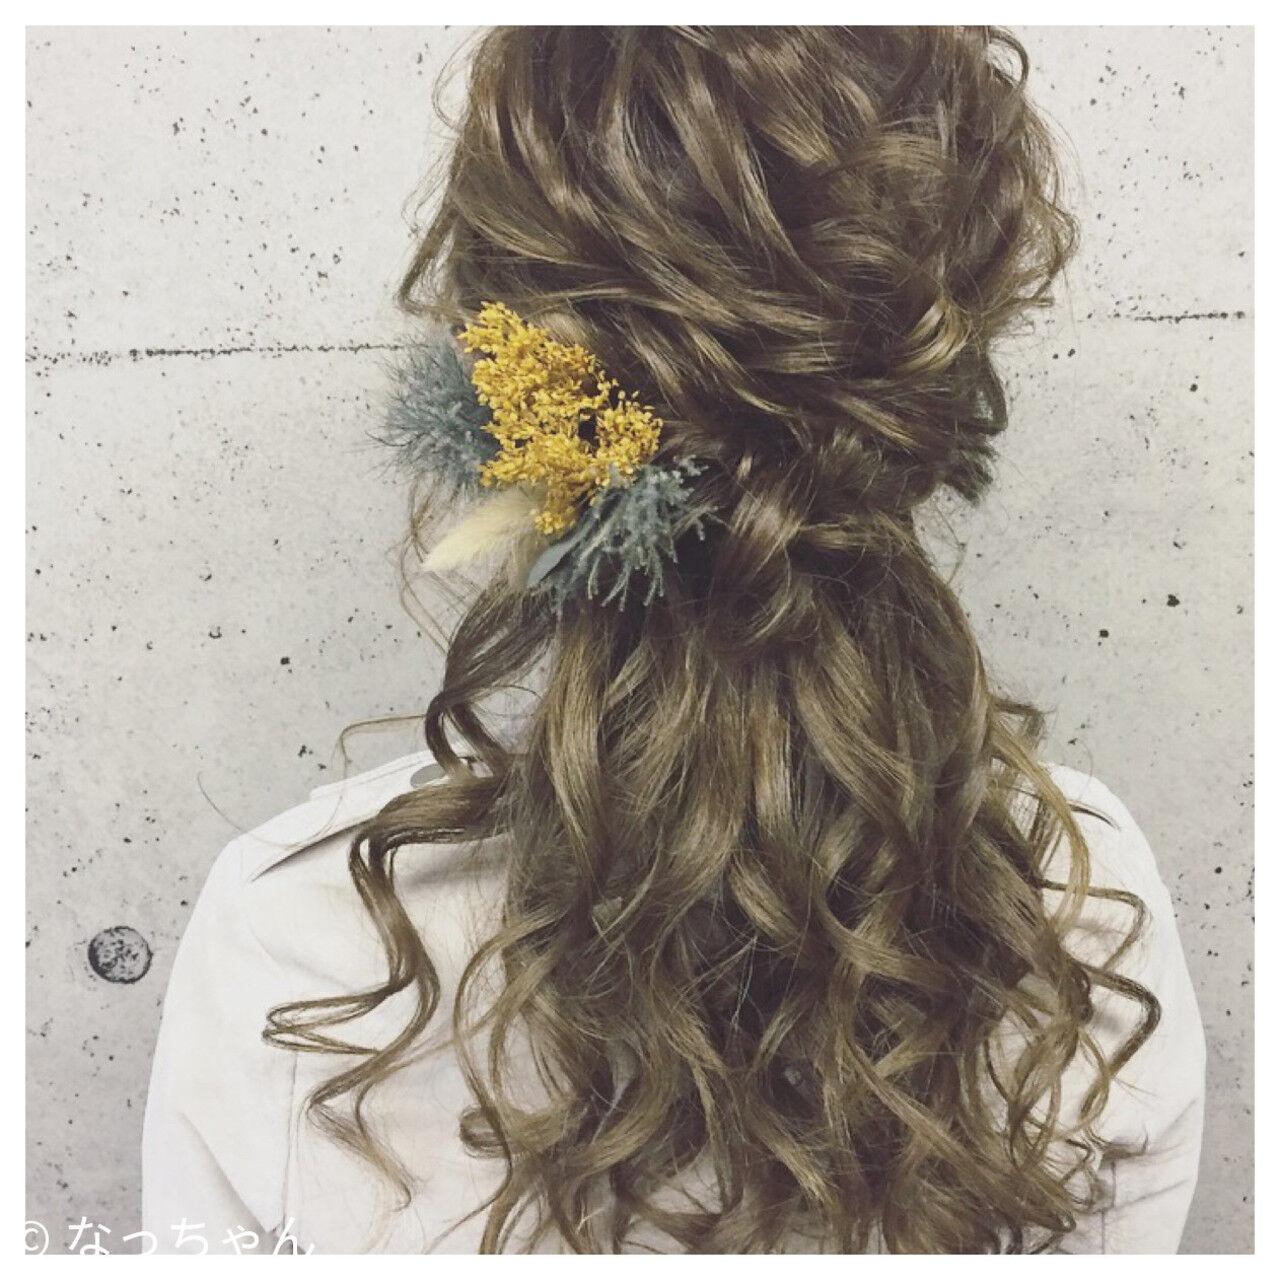 エレガント 上品 ドライフラワー ハーフアップヘアスタイルや髪型の写真・画像